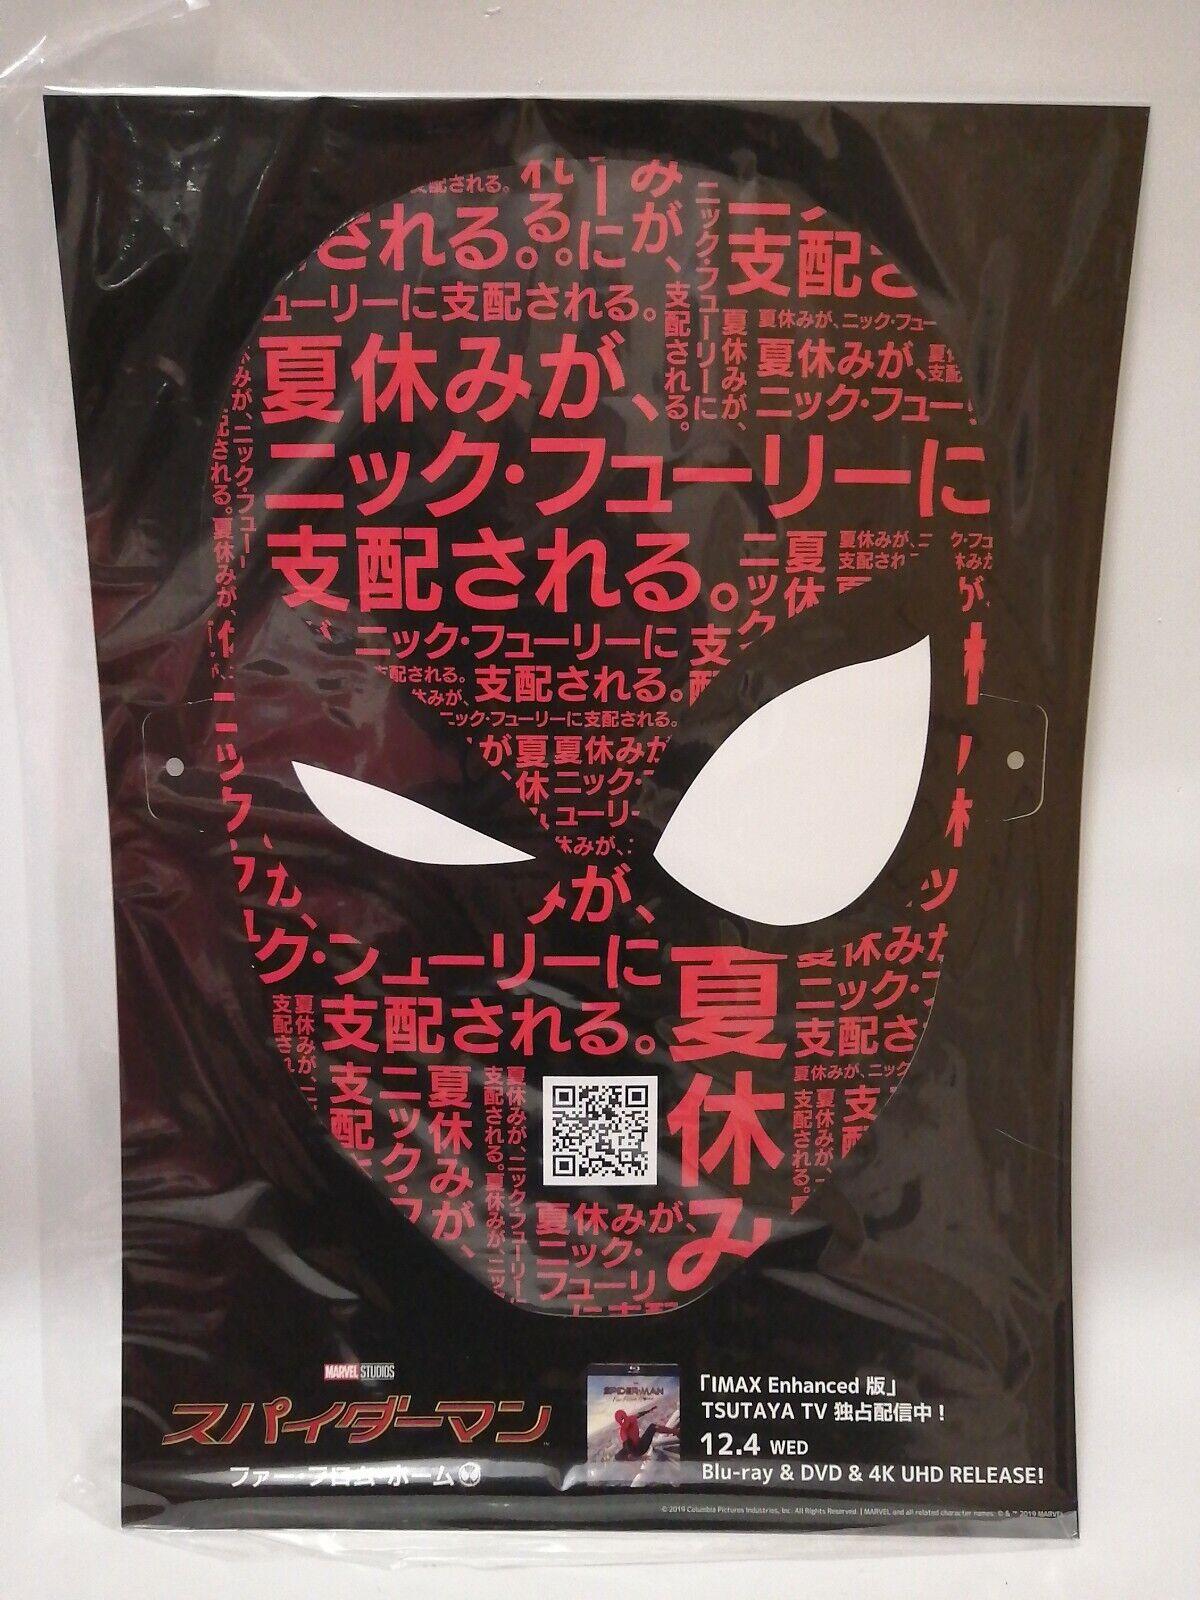 Tokyo COMIC CON 2019 esclusivo Spider uomo Novità POSTER RARA DA COLLEZIONE Maschera